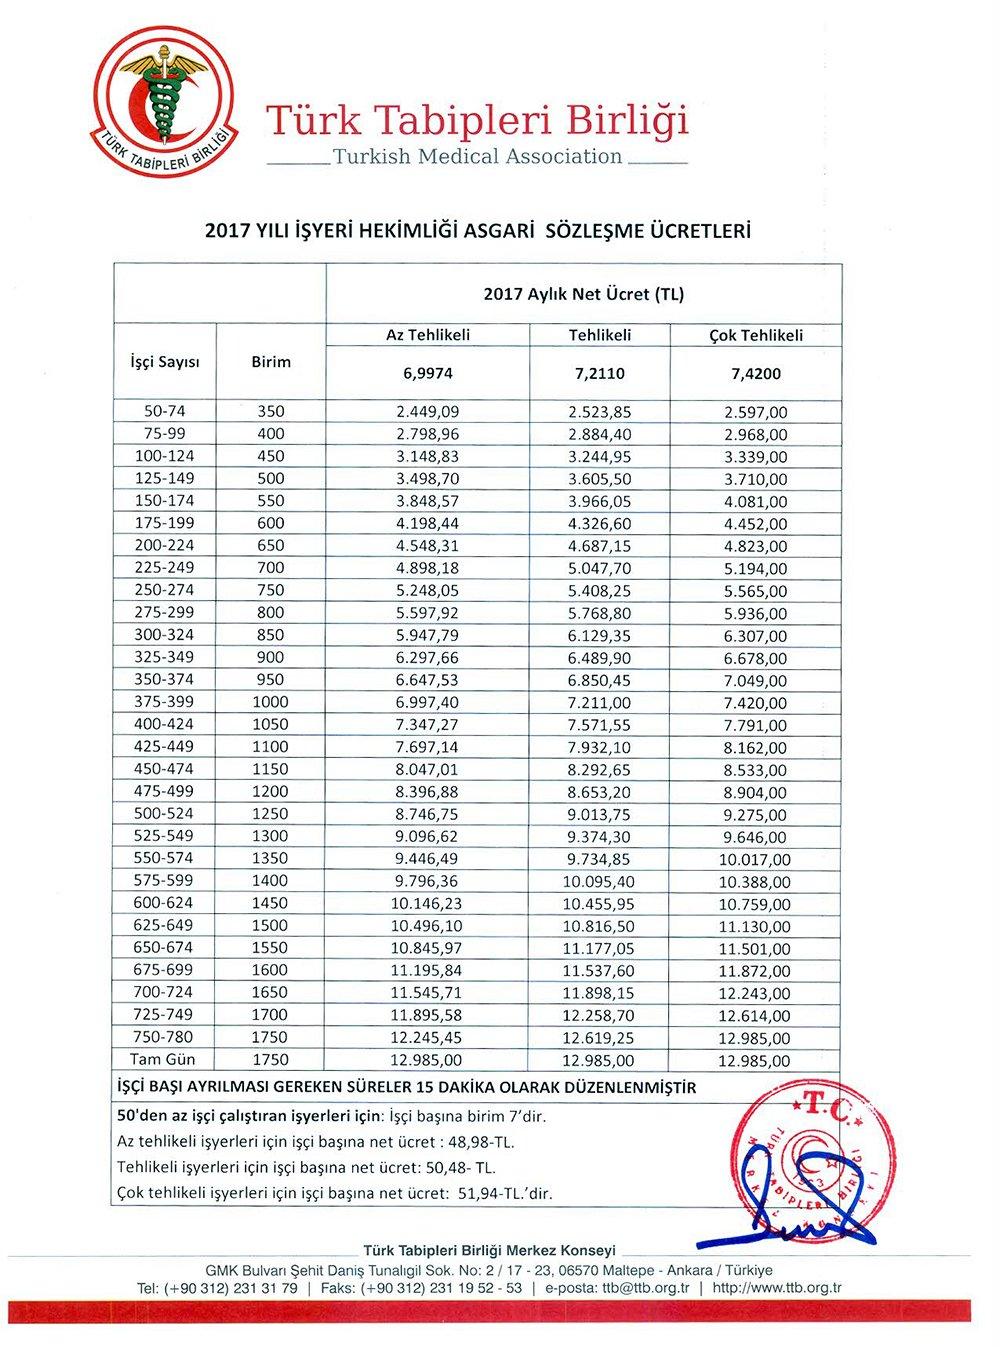 2017 Yılı İşyeri Hekimliği Asgari Sözleşme Ücretleri Belirlendi